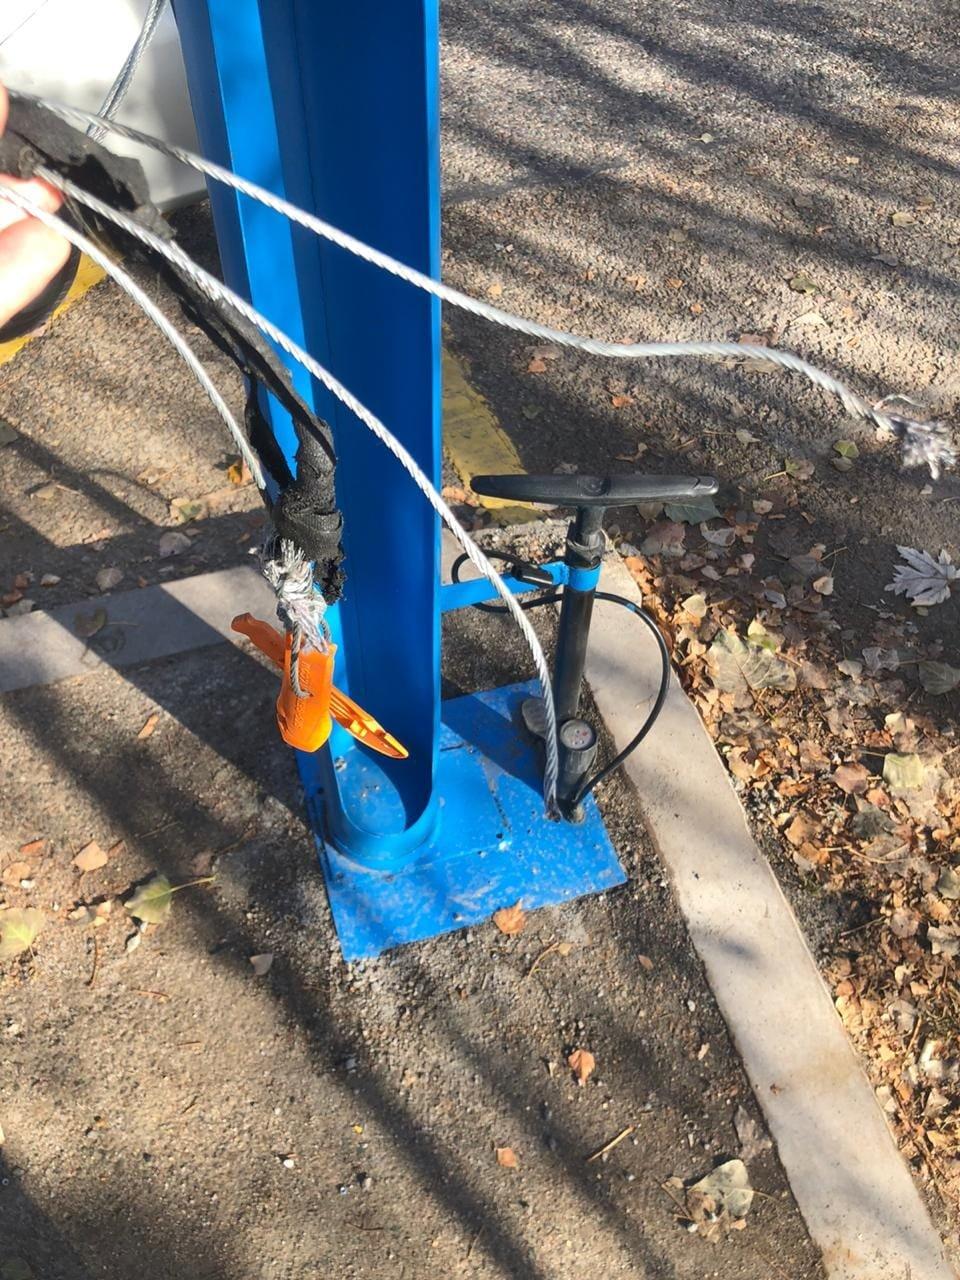 Бесплатная станция ремонта велосипедов подверглась нападению вандалов в Алматы, фото-1